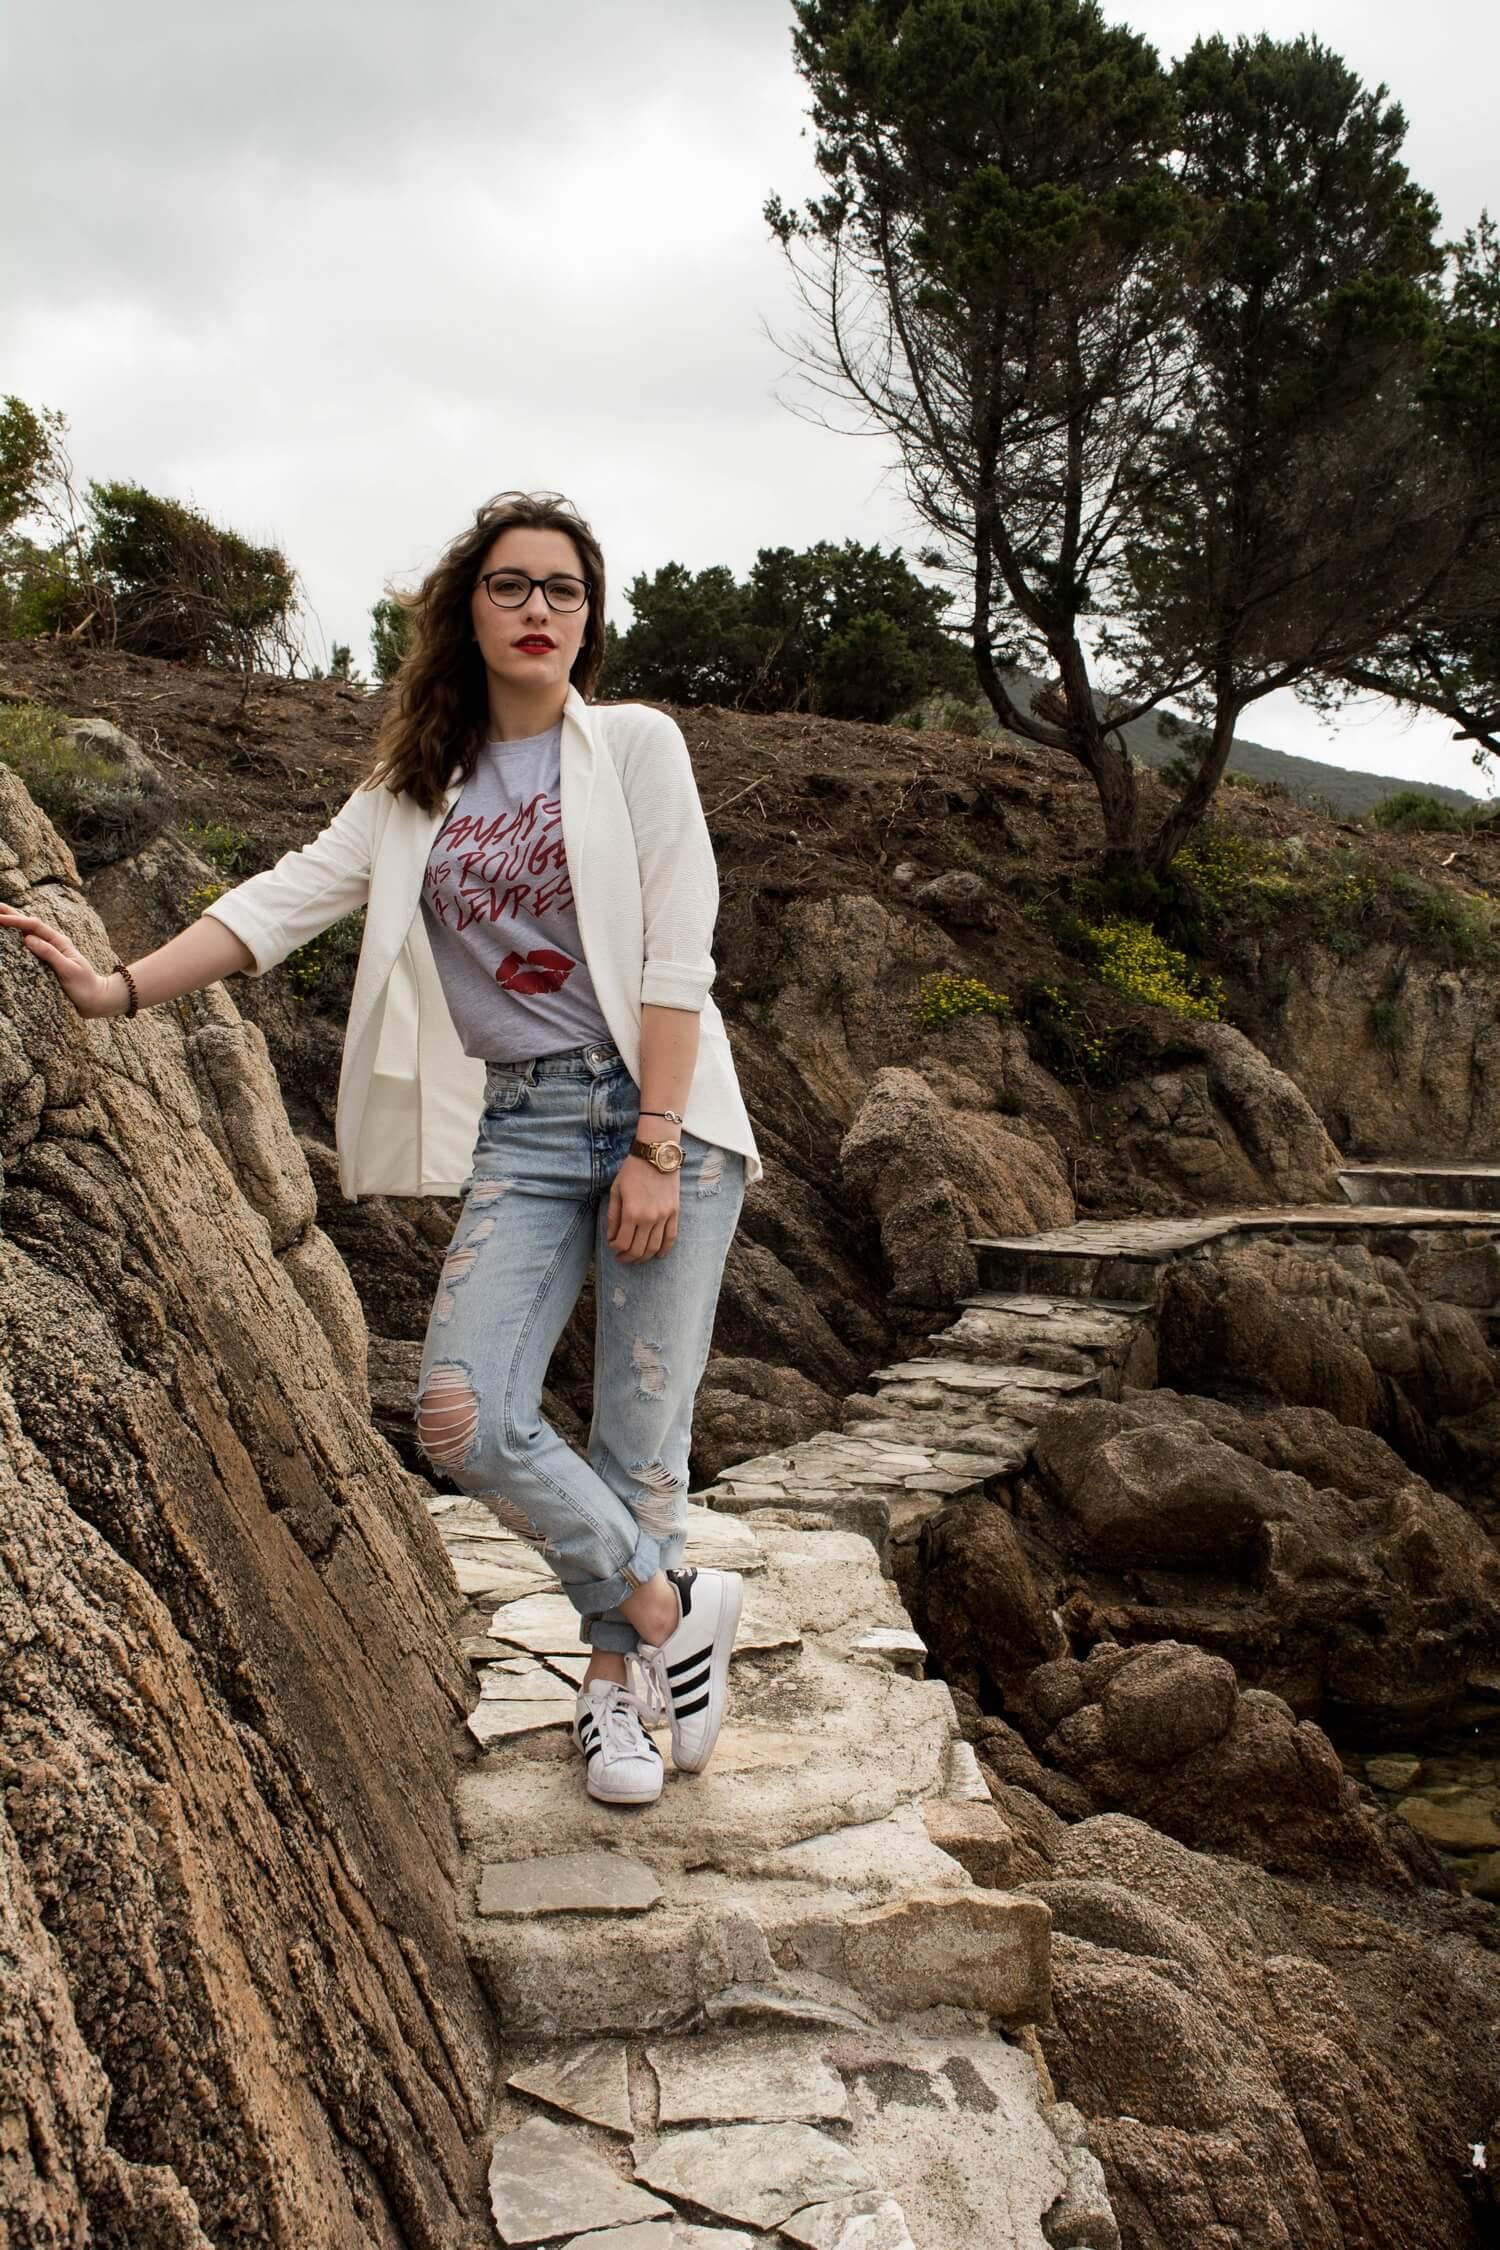 En Corse avec mon t-shirt Jamais sans rouges à lèvres de Faubourg 54, mes Superstrar Adidas Originals, mon jean girlfriend Pimkie et ma montre Fossil